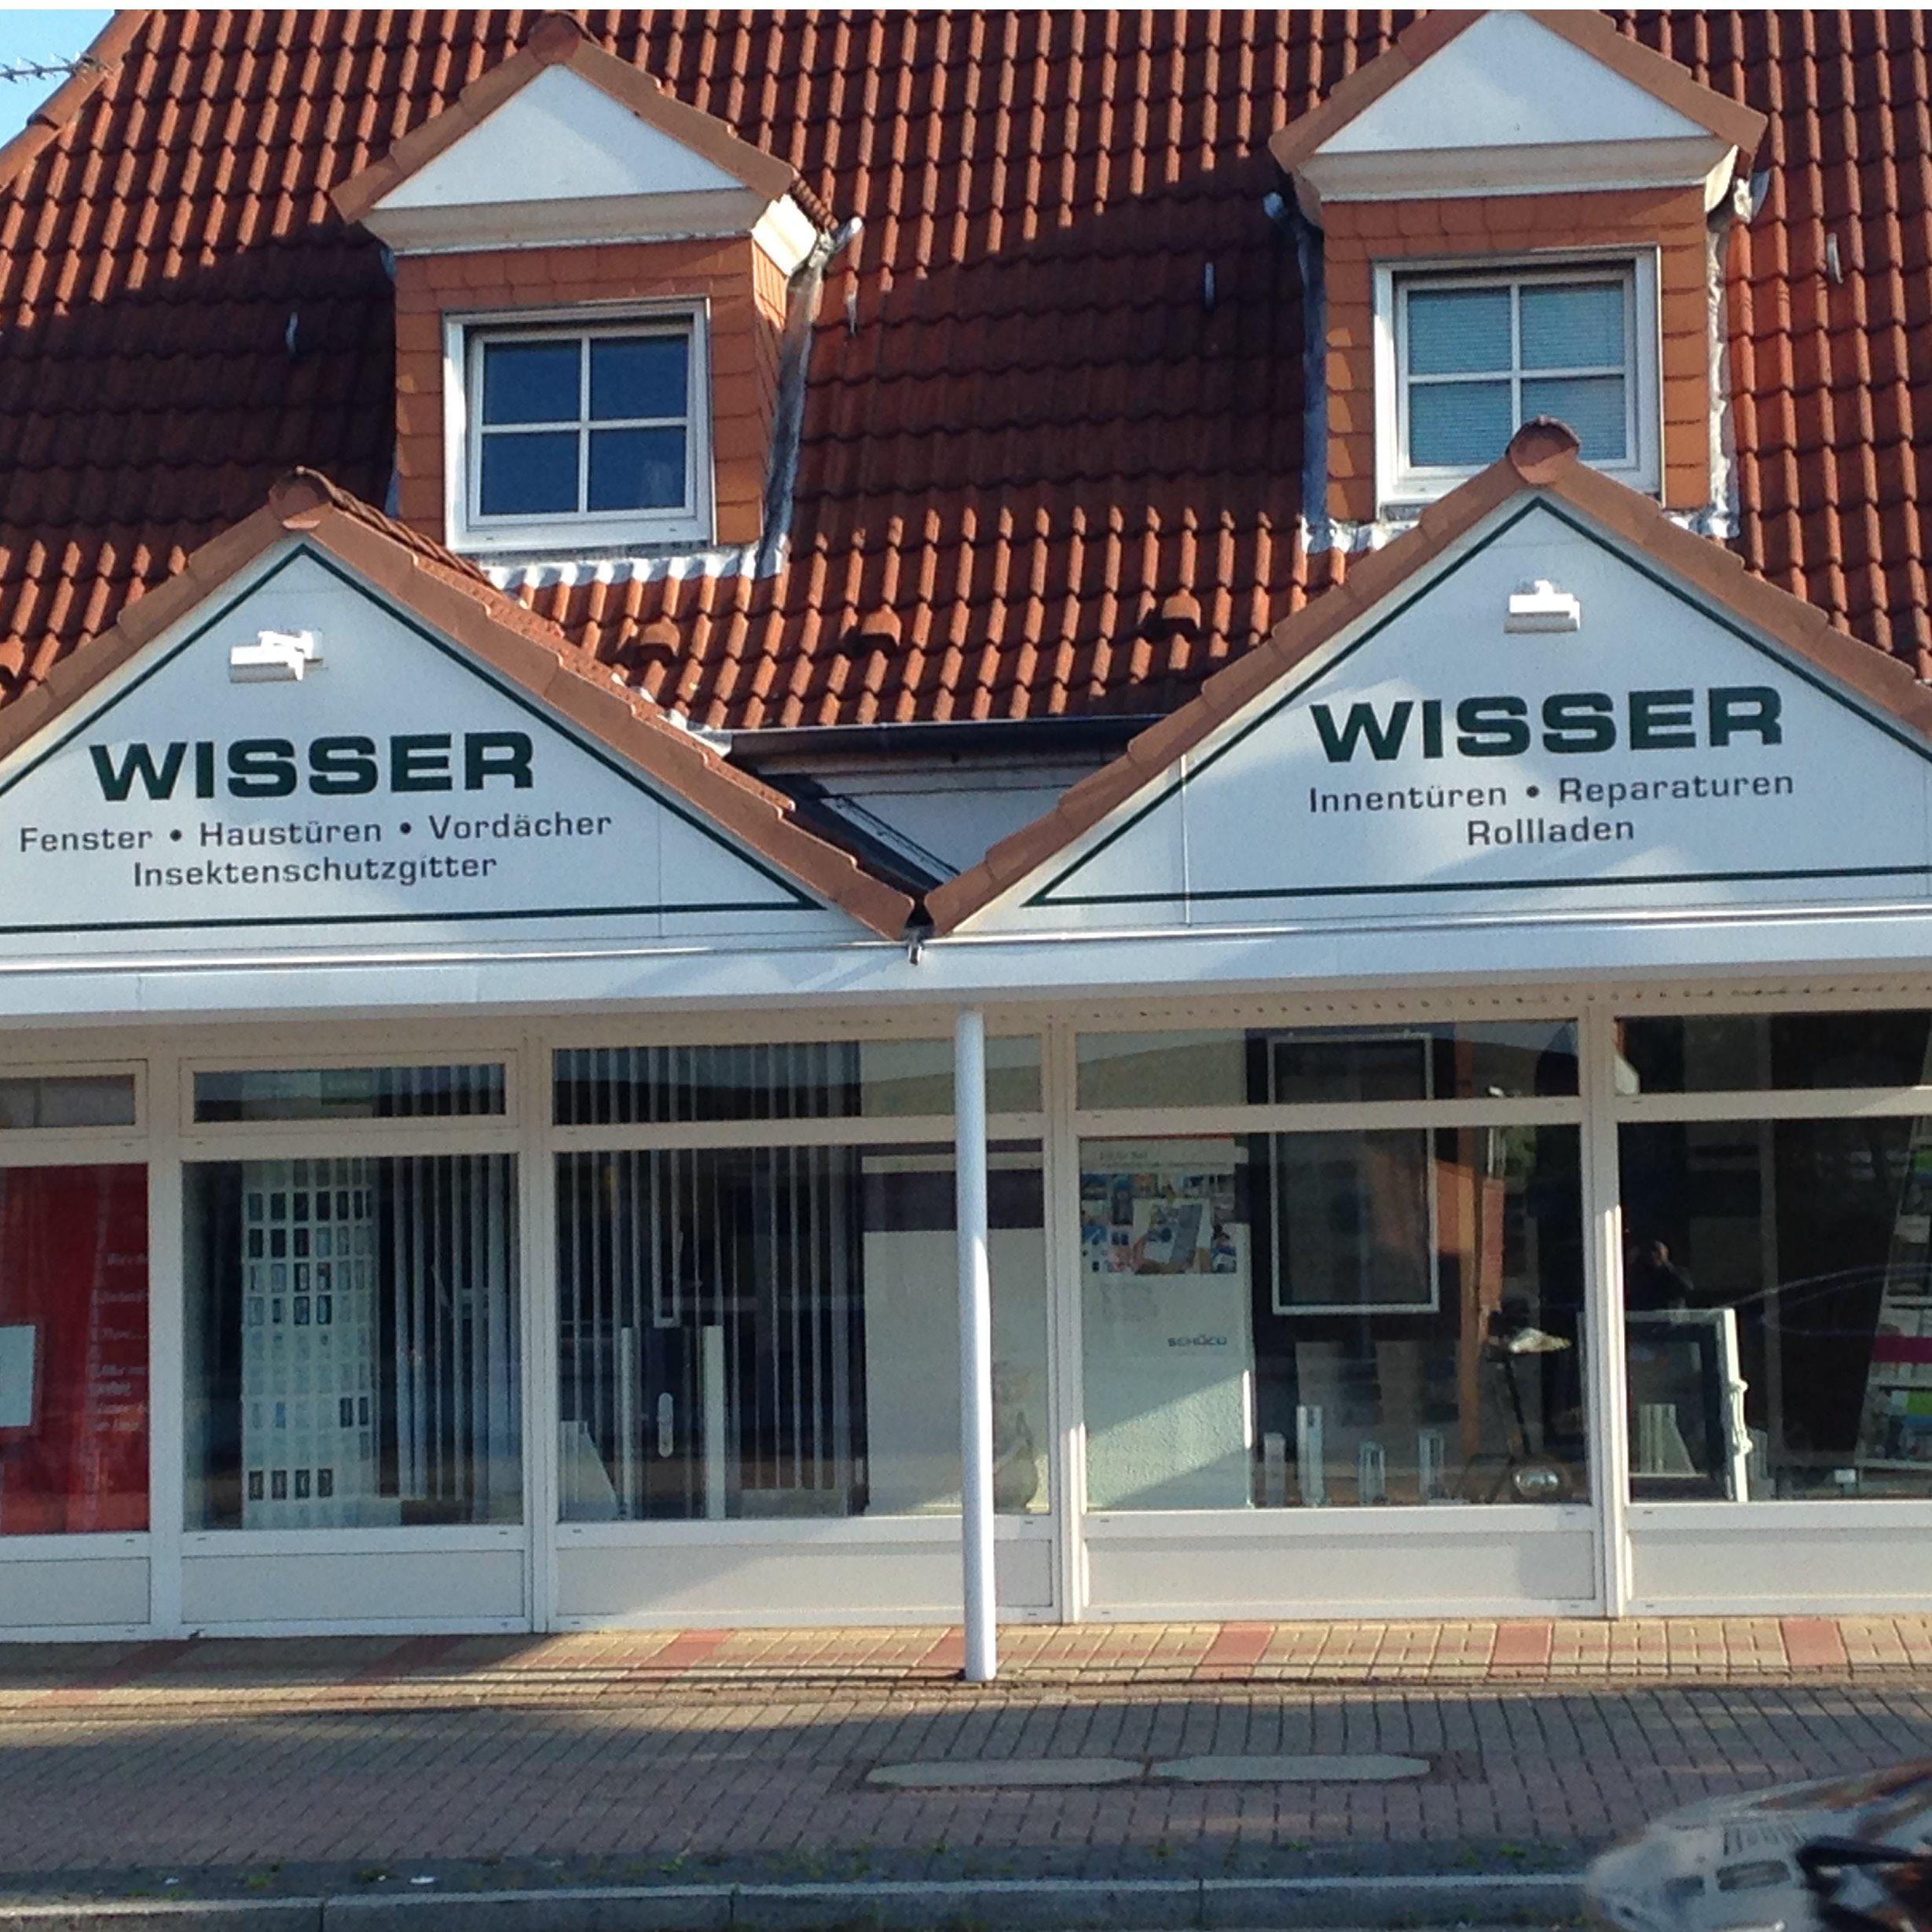 Wisser GmbH